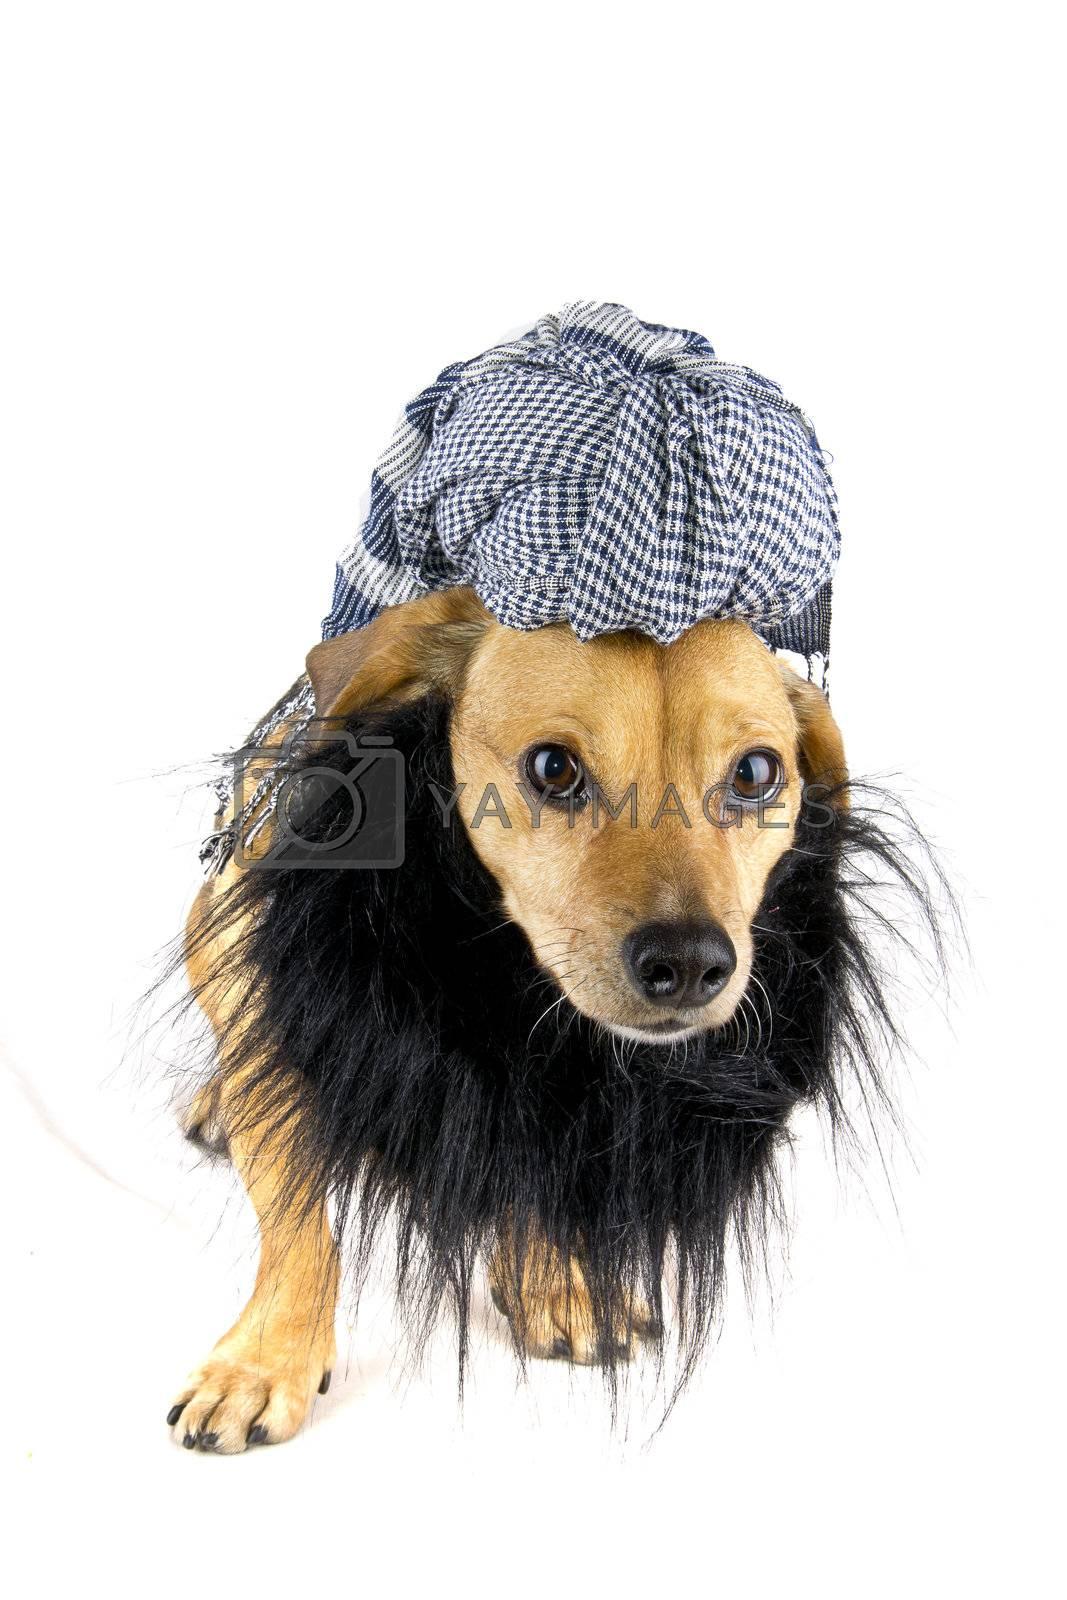 arab dog